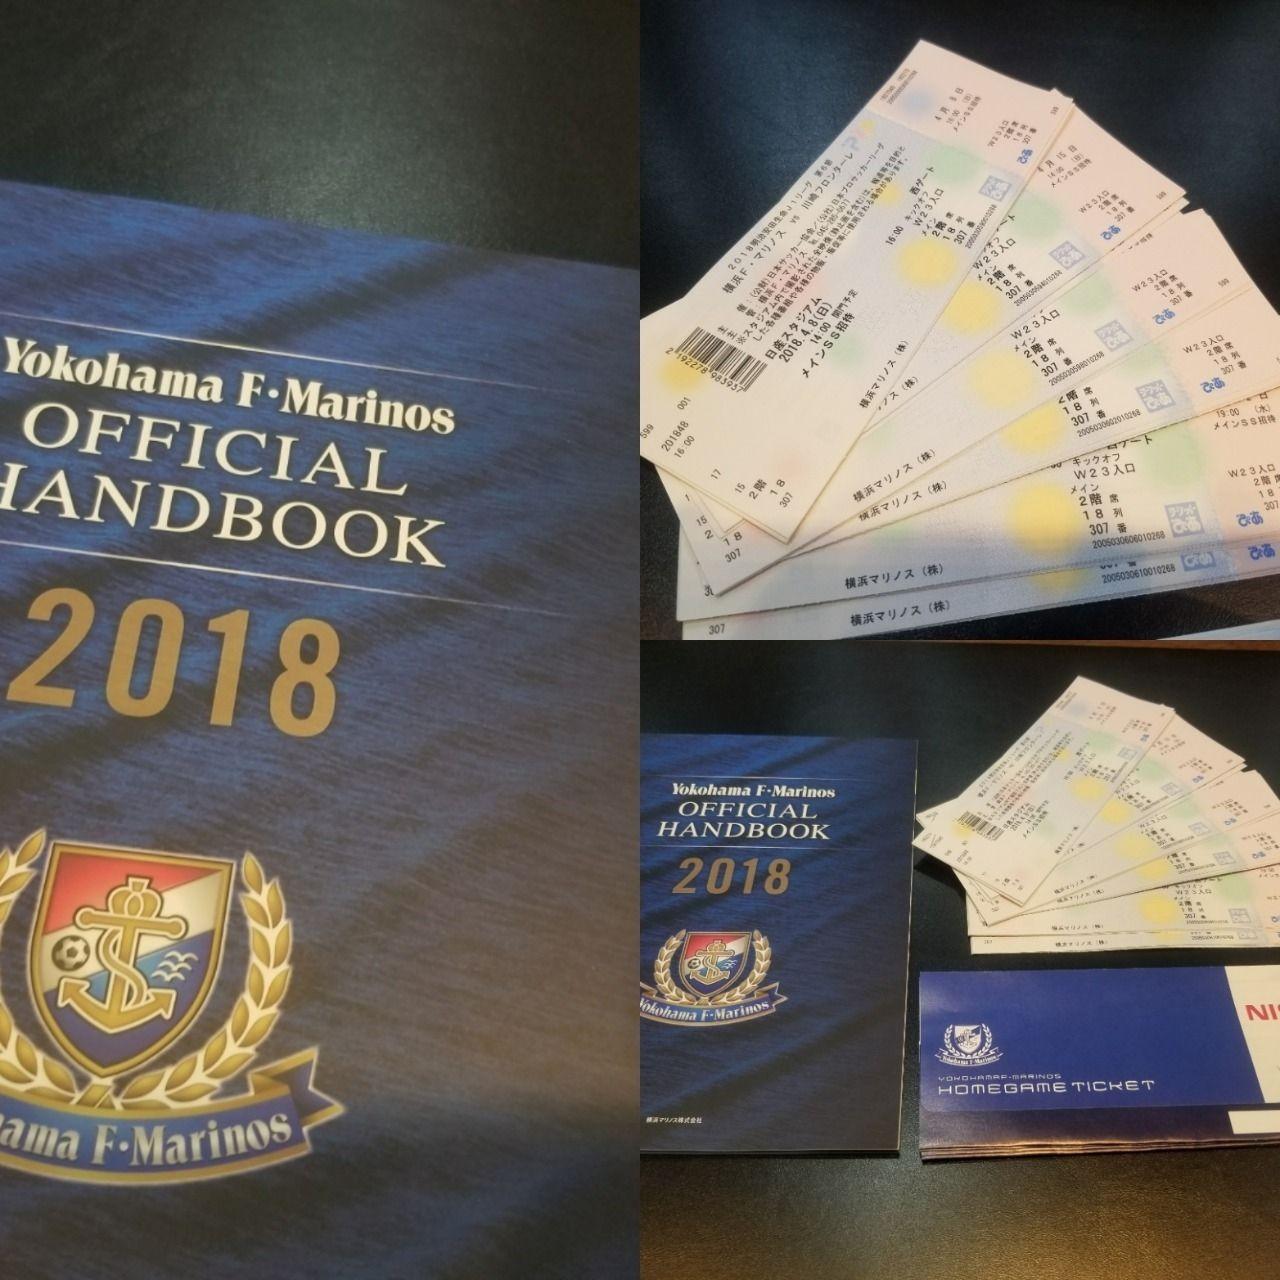 2018年Jリーグ開幕 横浜Fマリノスのチケット無料プレゼント